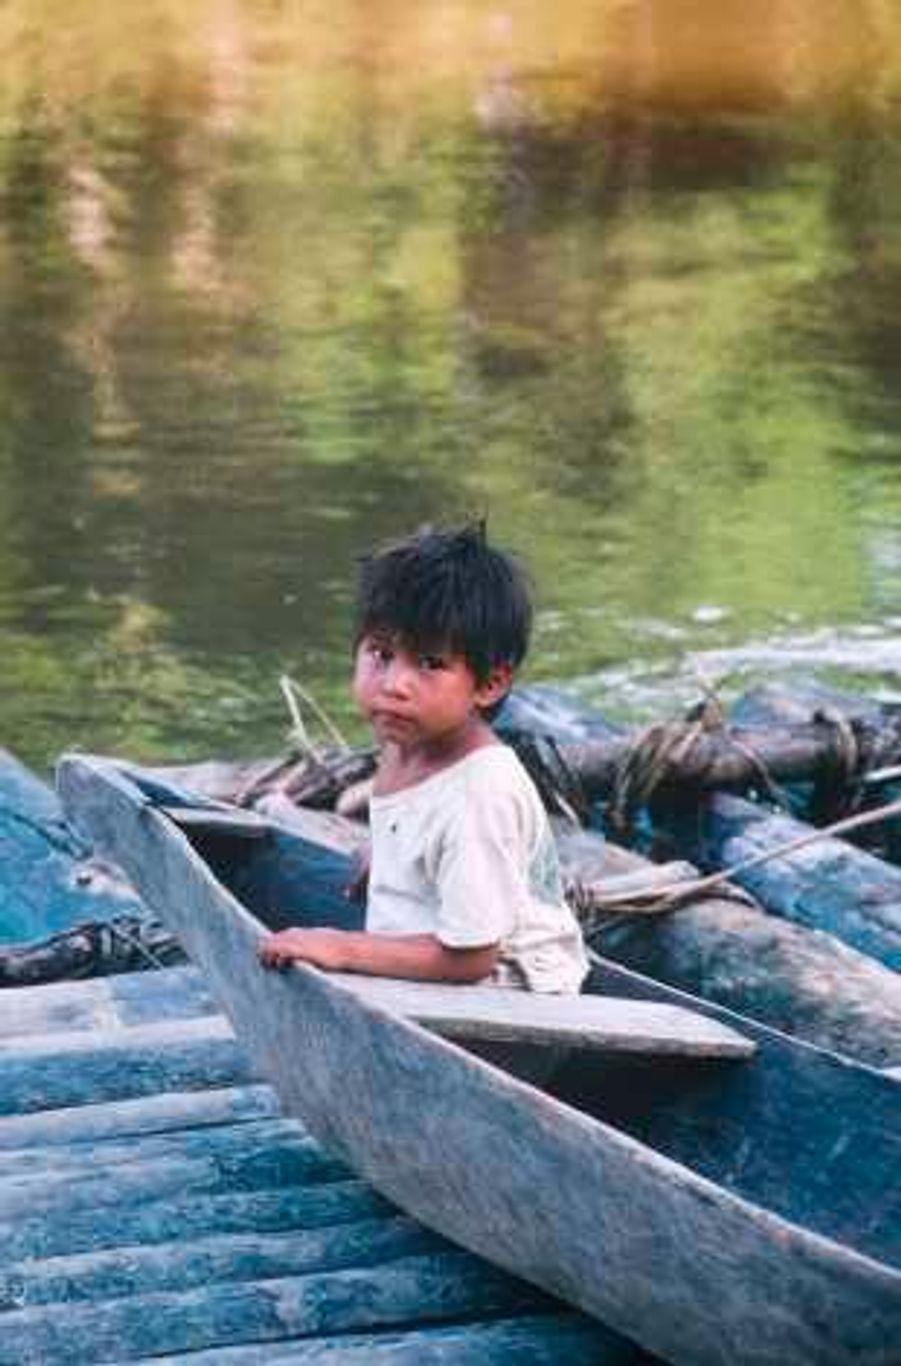 Les Matsés sont les gardiens naturels de leurs terres. En alternant leurs aires de culture, de chasse et de pêche, ils n'épuisent ni les sols, ni le gibier, ni le stock de poissons. «Avant de rencontrer les Blancs, notre vie était merveilleuse, raconte un Matsés. Nous vivions au bord de la rivière et nous la traversions pour cultiver nos jardins. Quand le temps était venu, nous abandonnions ces jardins à la forêt pour en ouvrir d'autres ailleurs.»Maintenant, ils craignent que la prospection pétrolière ne ruine leur environnement. «Le pétrole va détruire les sources de nos rivières, s'alarment-ils. Qu'adviendra-t-il des poissons? Que boiront les animaux?»